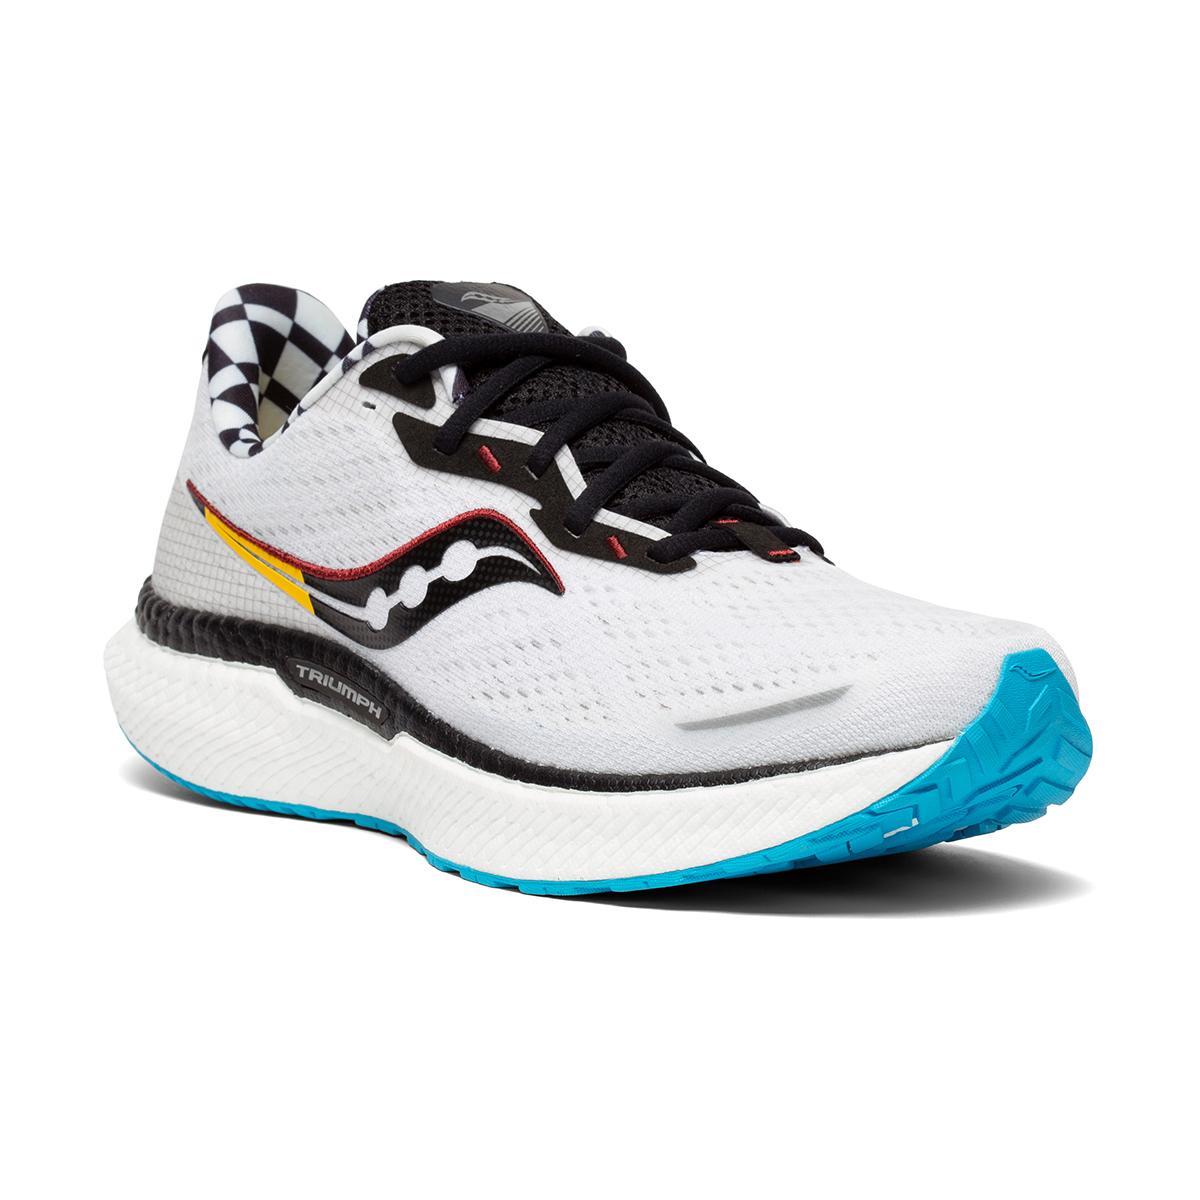 Men's Saucony Triumph 19 Running Shoe - Color: Reverie - Size: 7 - Width: Regular, Reverie, large, image 3